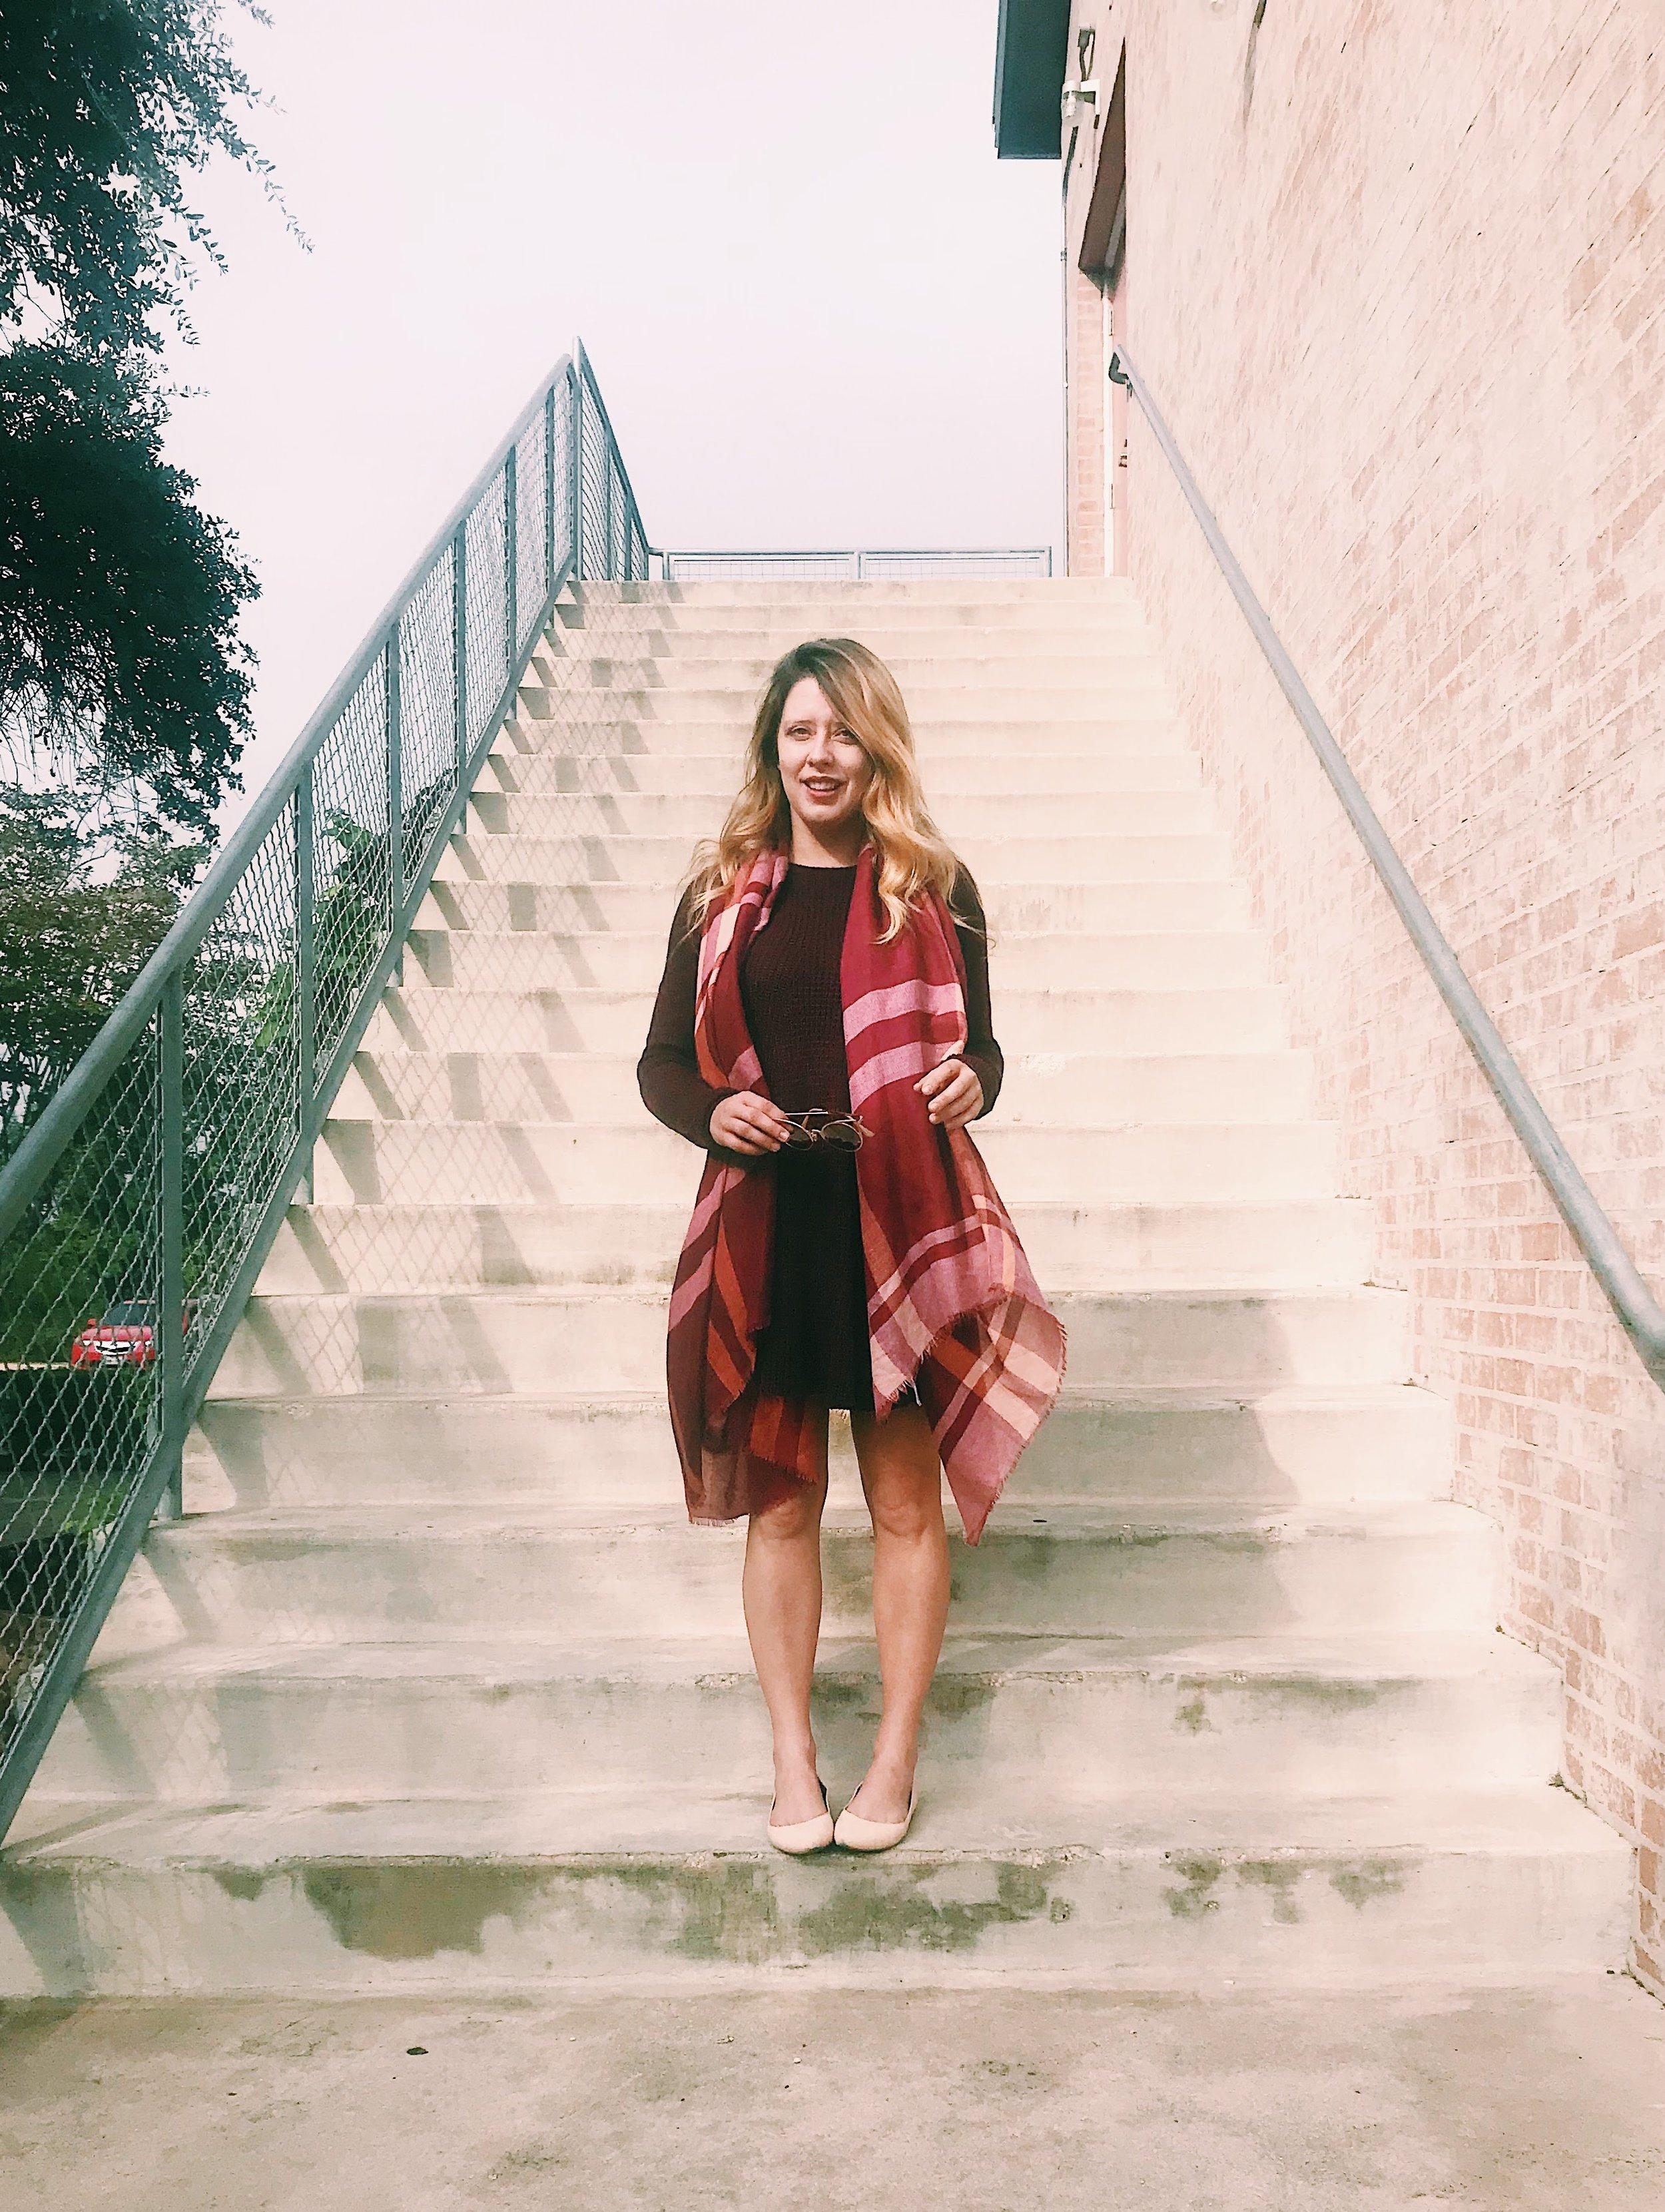 Three Heel Clicks - Sweater Dress (7).jpg